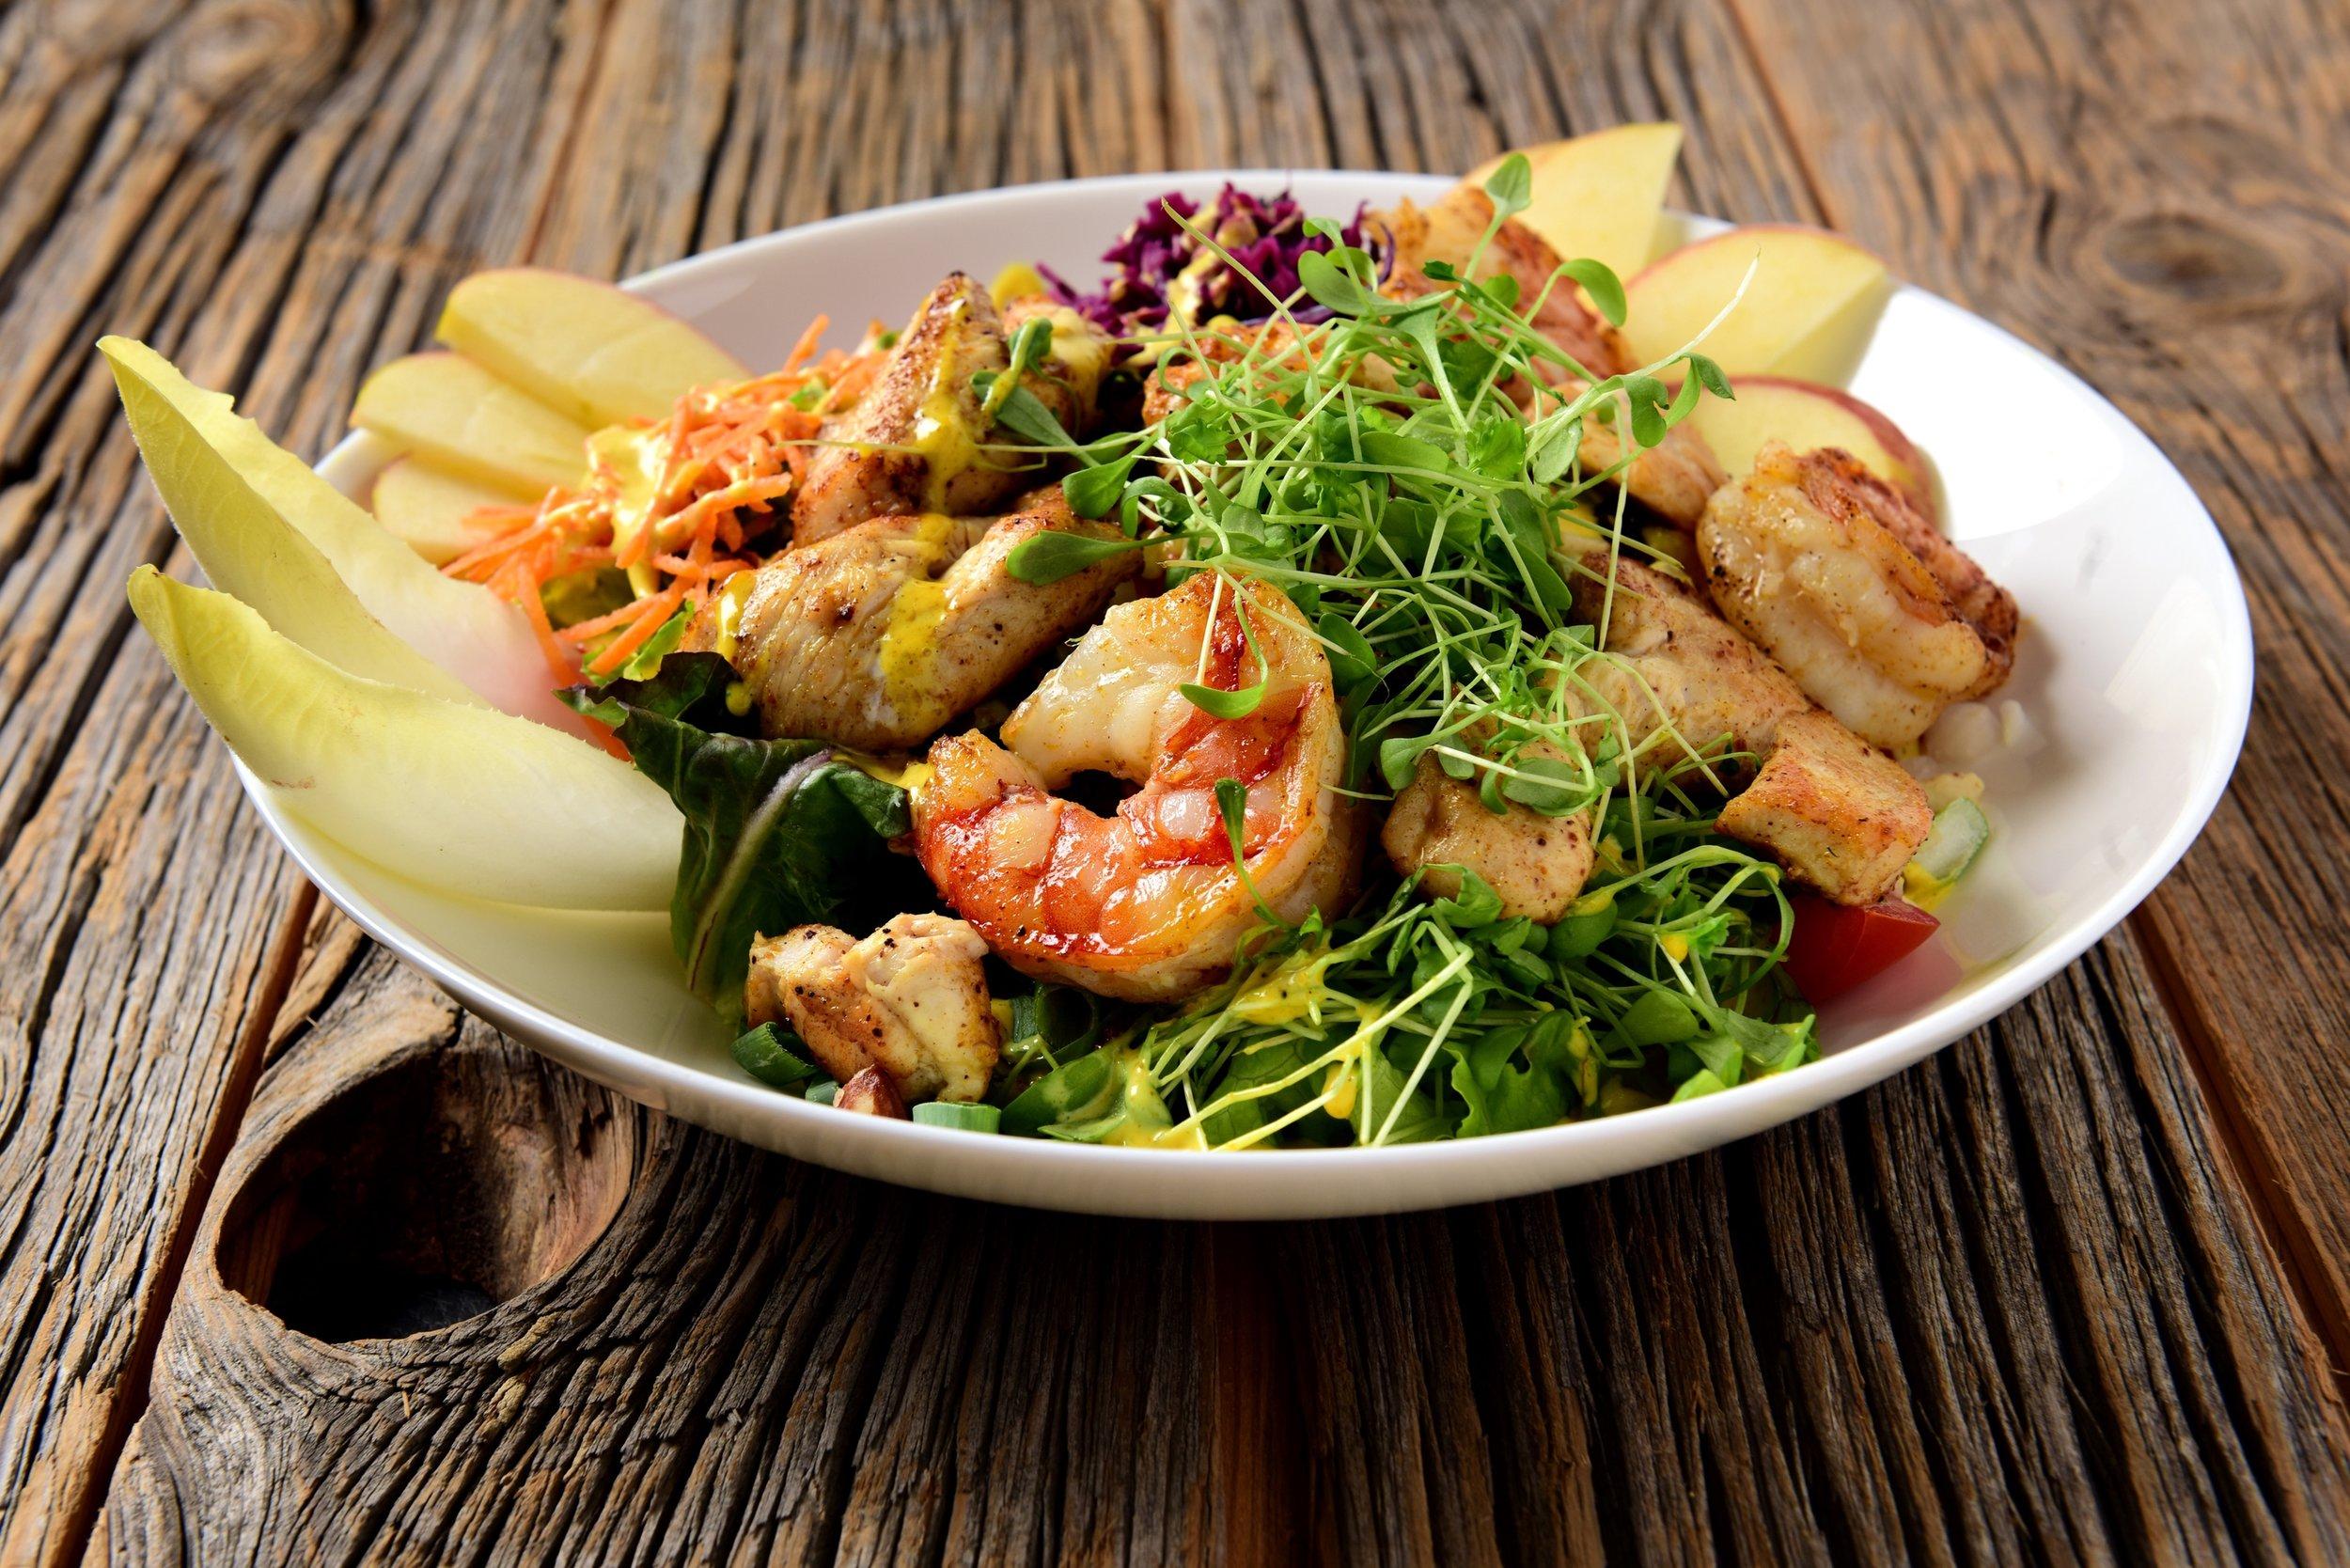 5 t goe gedacht haacht leuven restaurant brasserie bart albrecht fotograaf culinair food huwelijks tablefever.jpeg